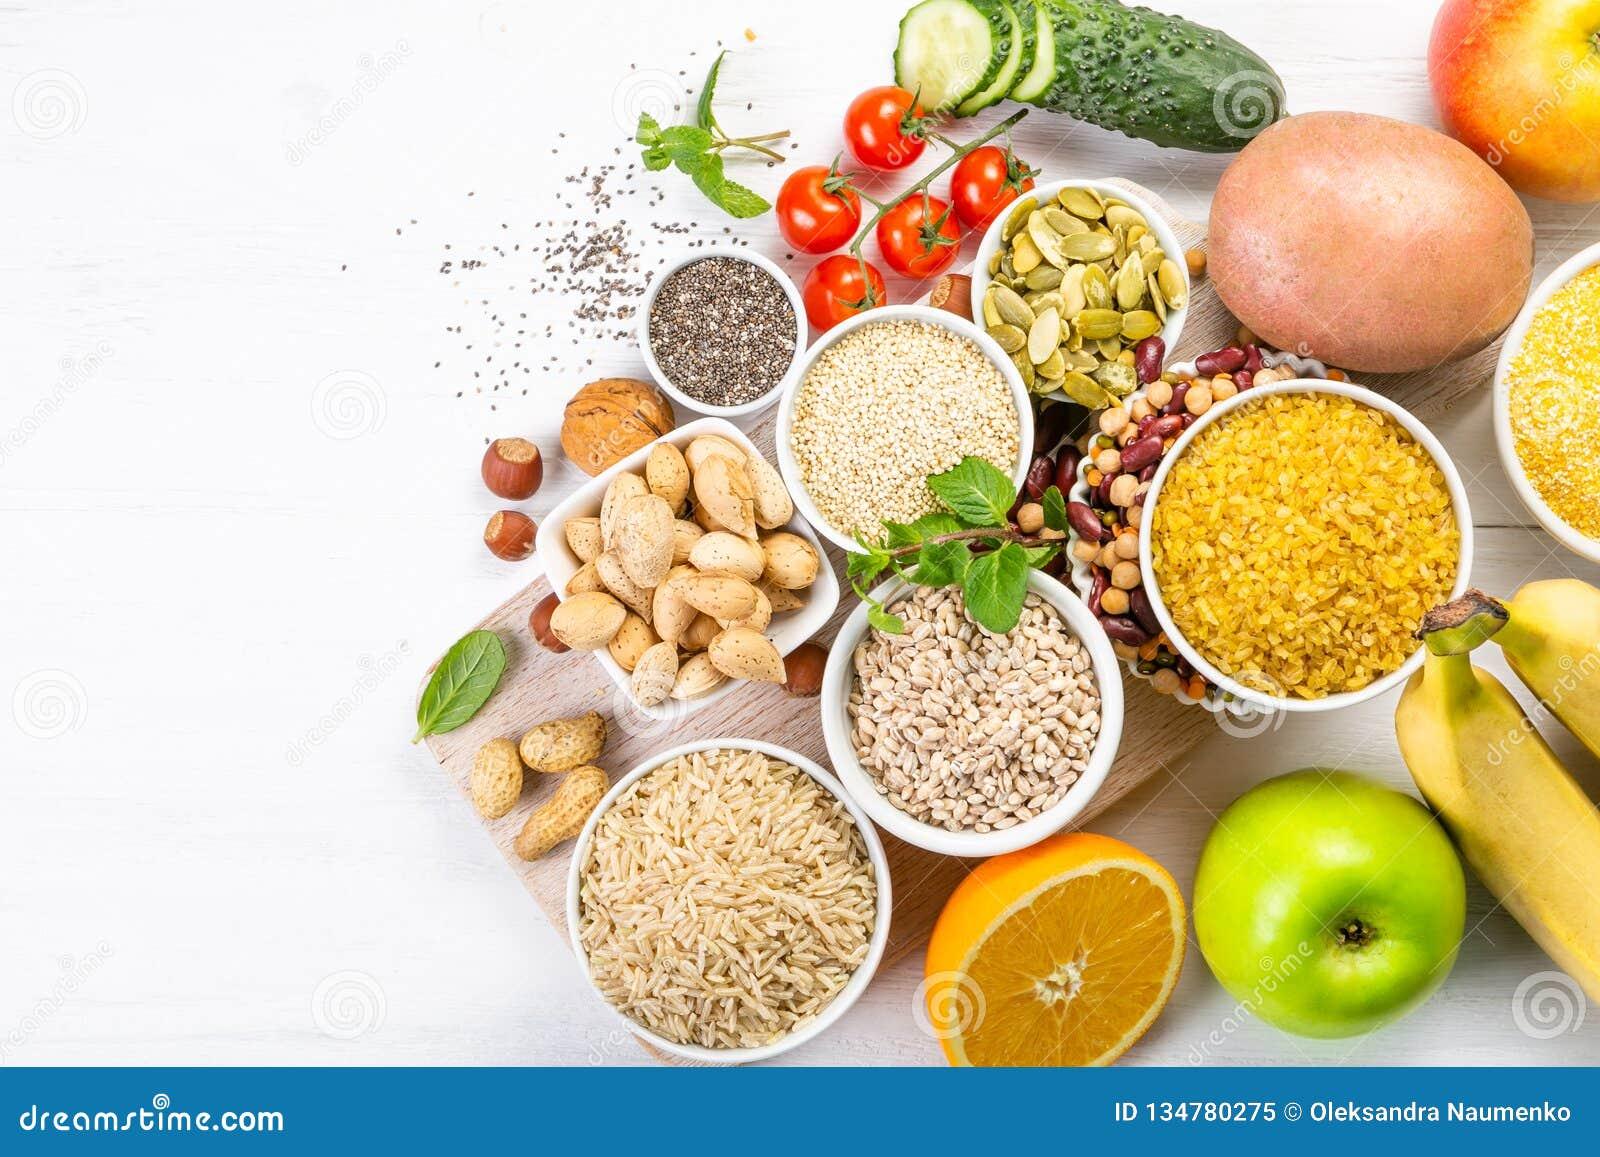 好碳水化合物来源的选择 饮食健康素食主义者